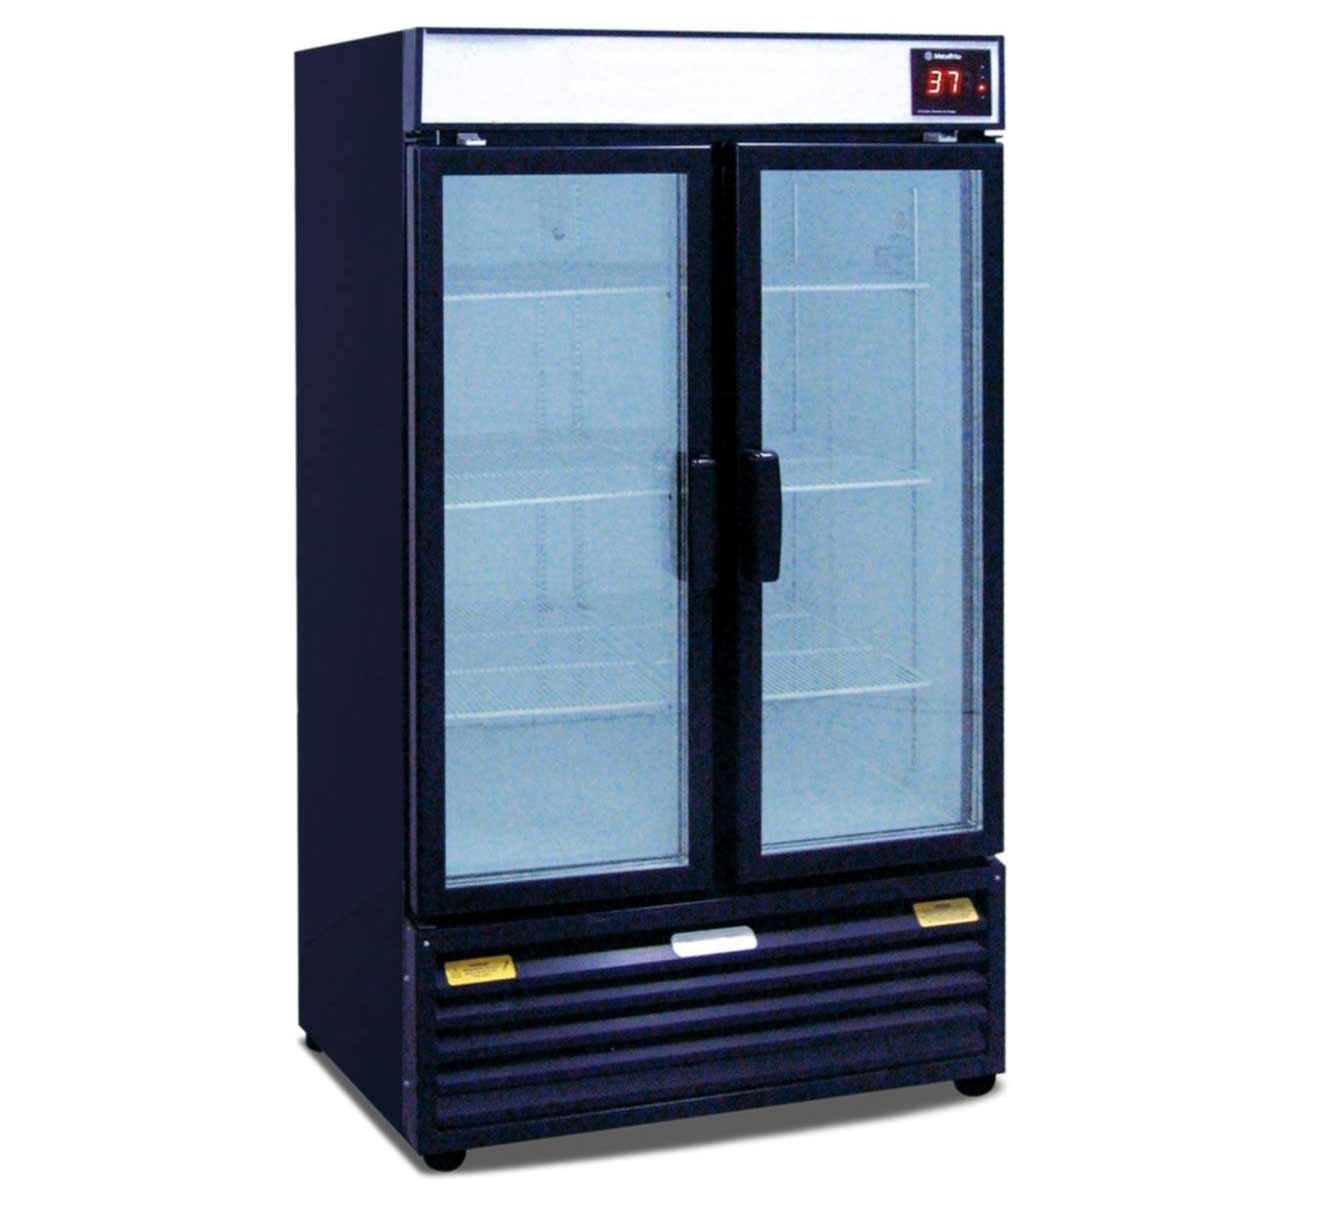 Prima beverage refrigerator glass door for home